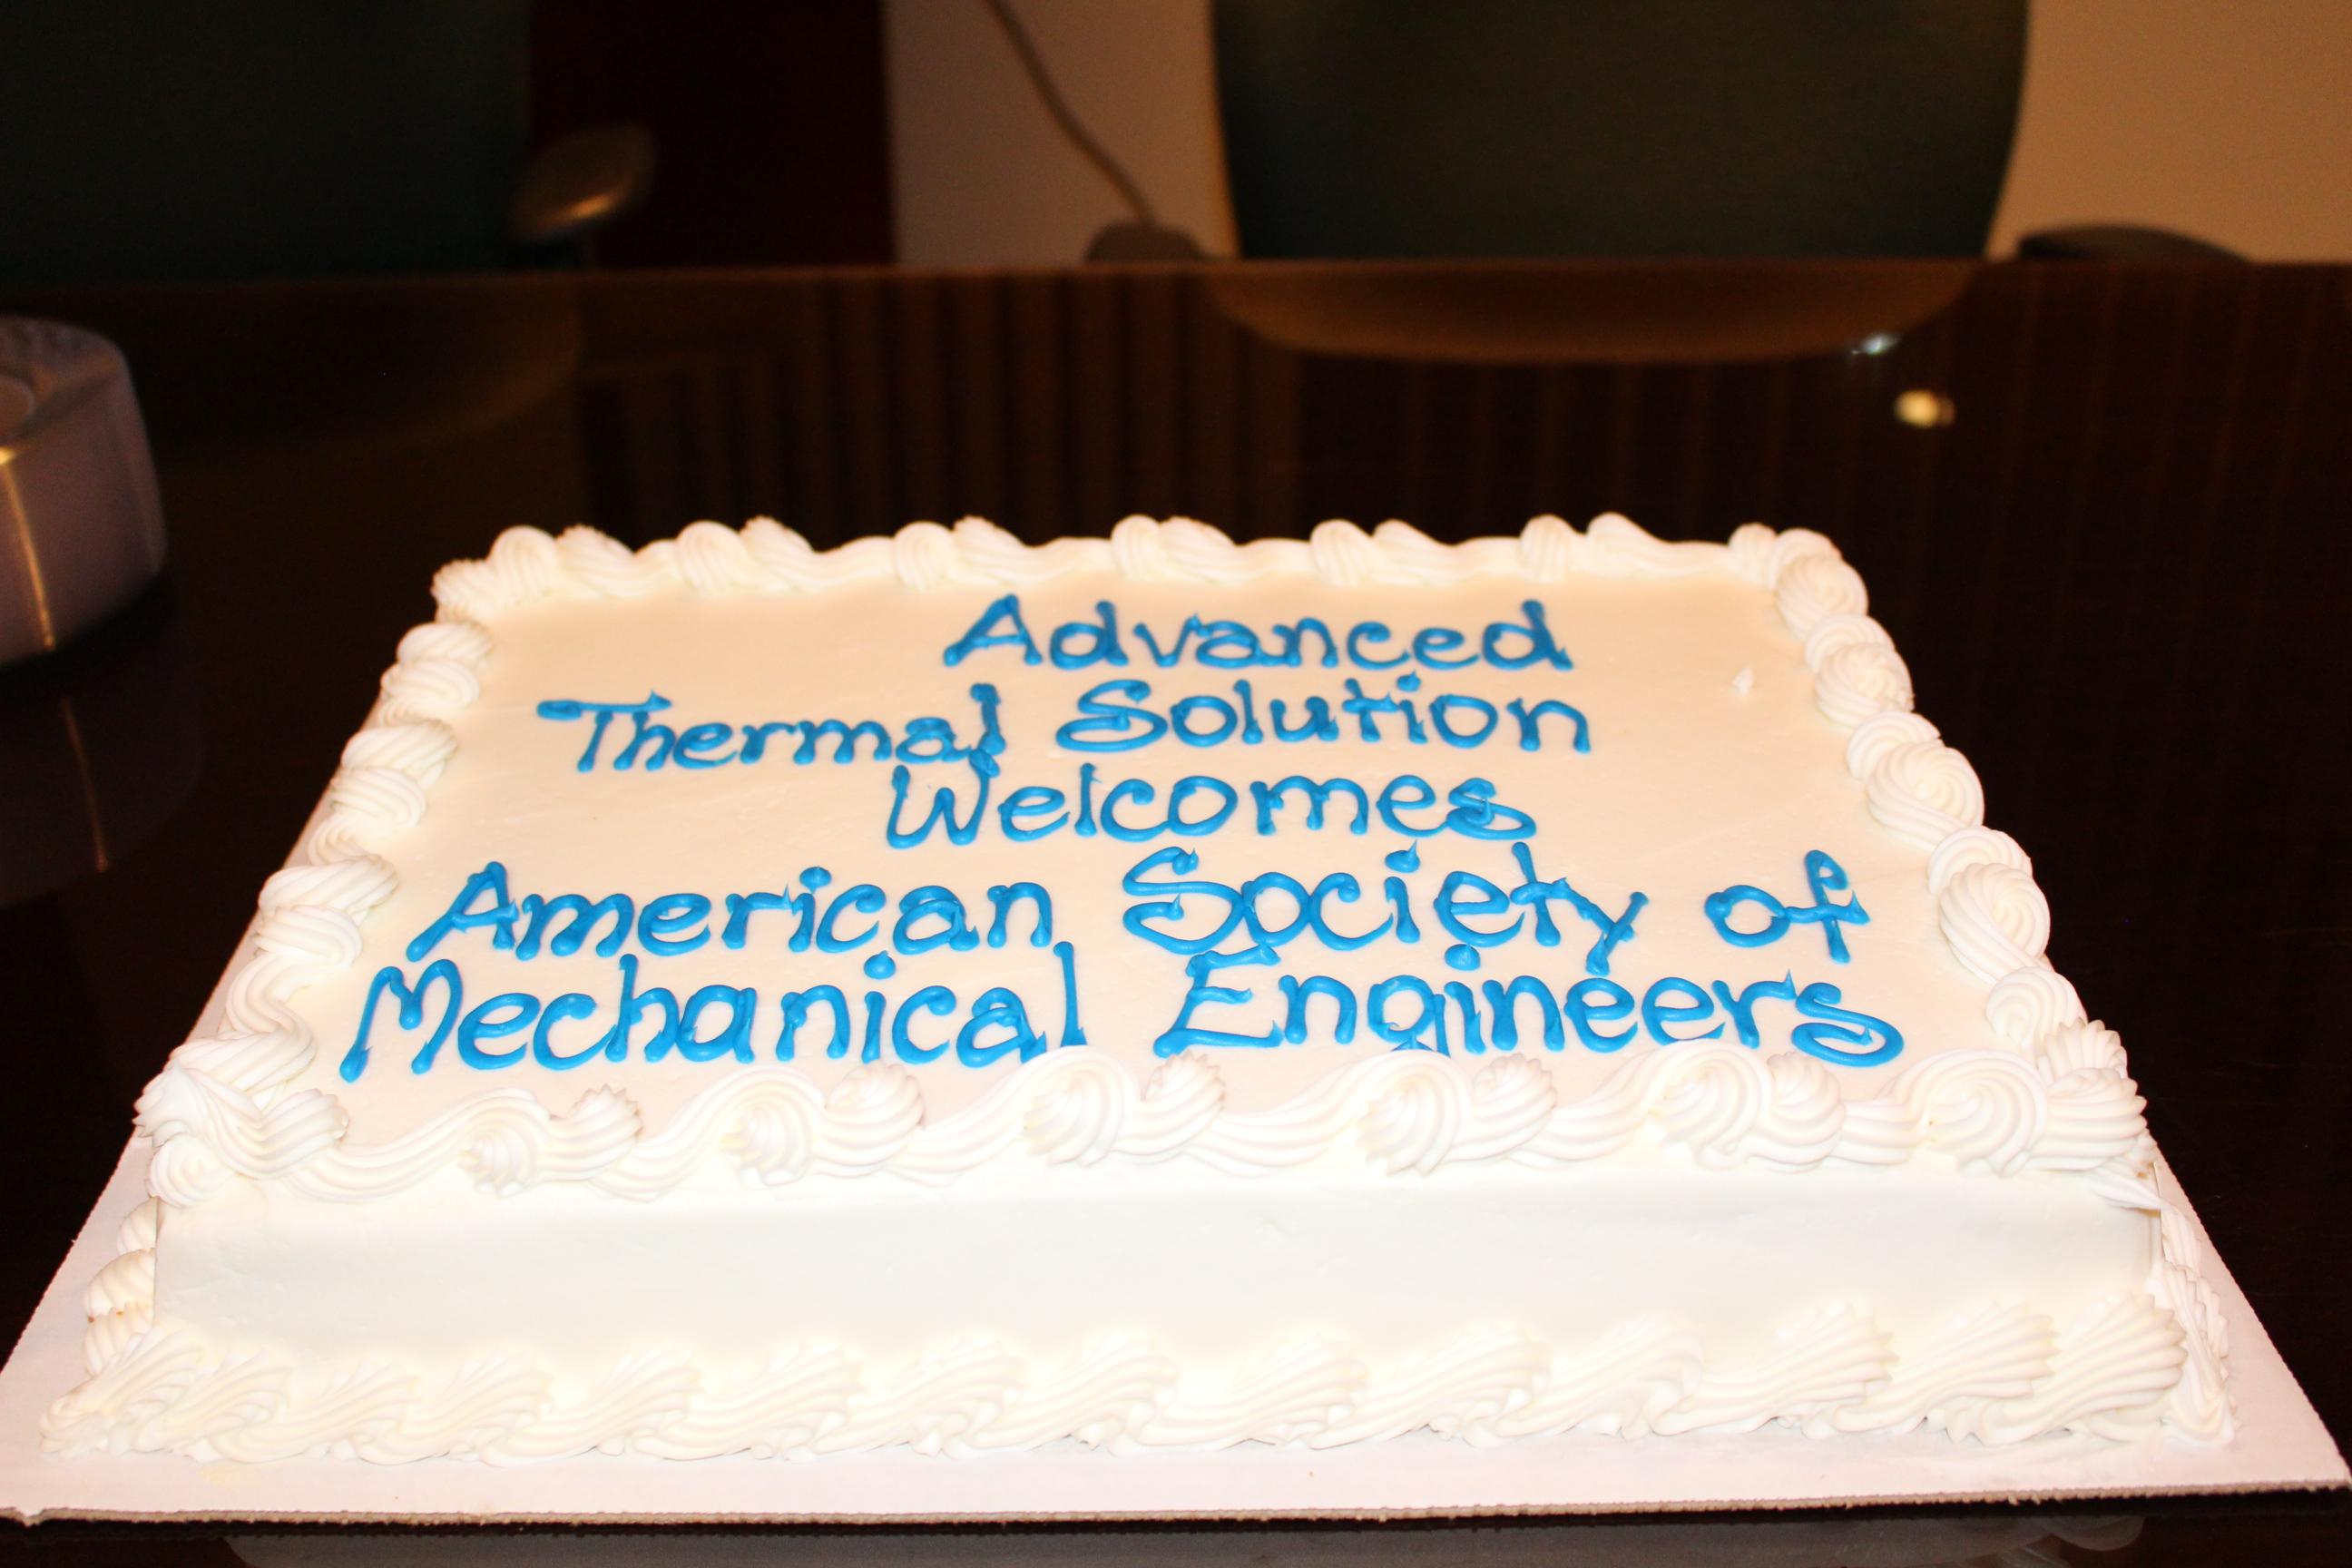 December 2015 ASME Meeting at ATS Cake